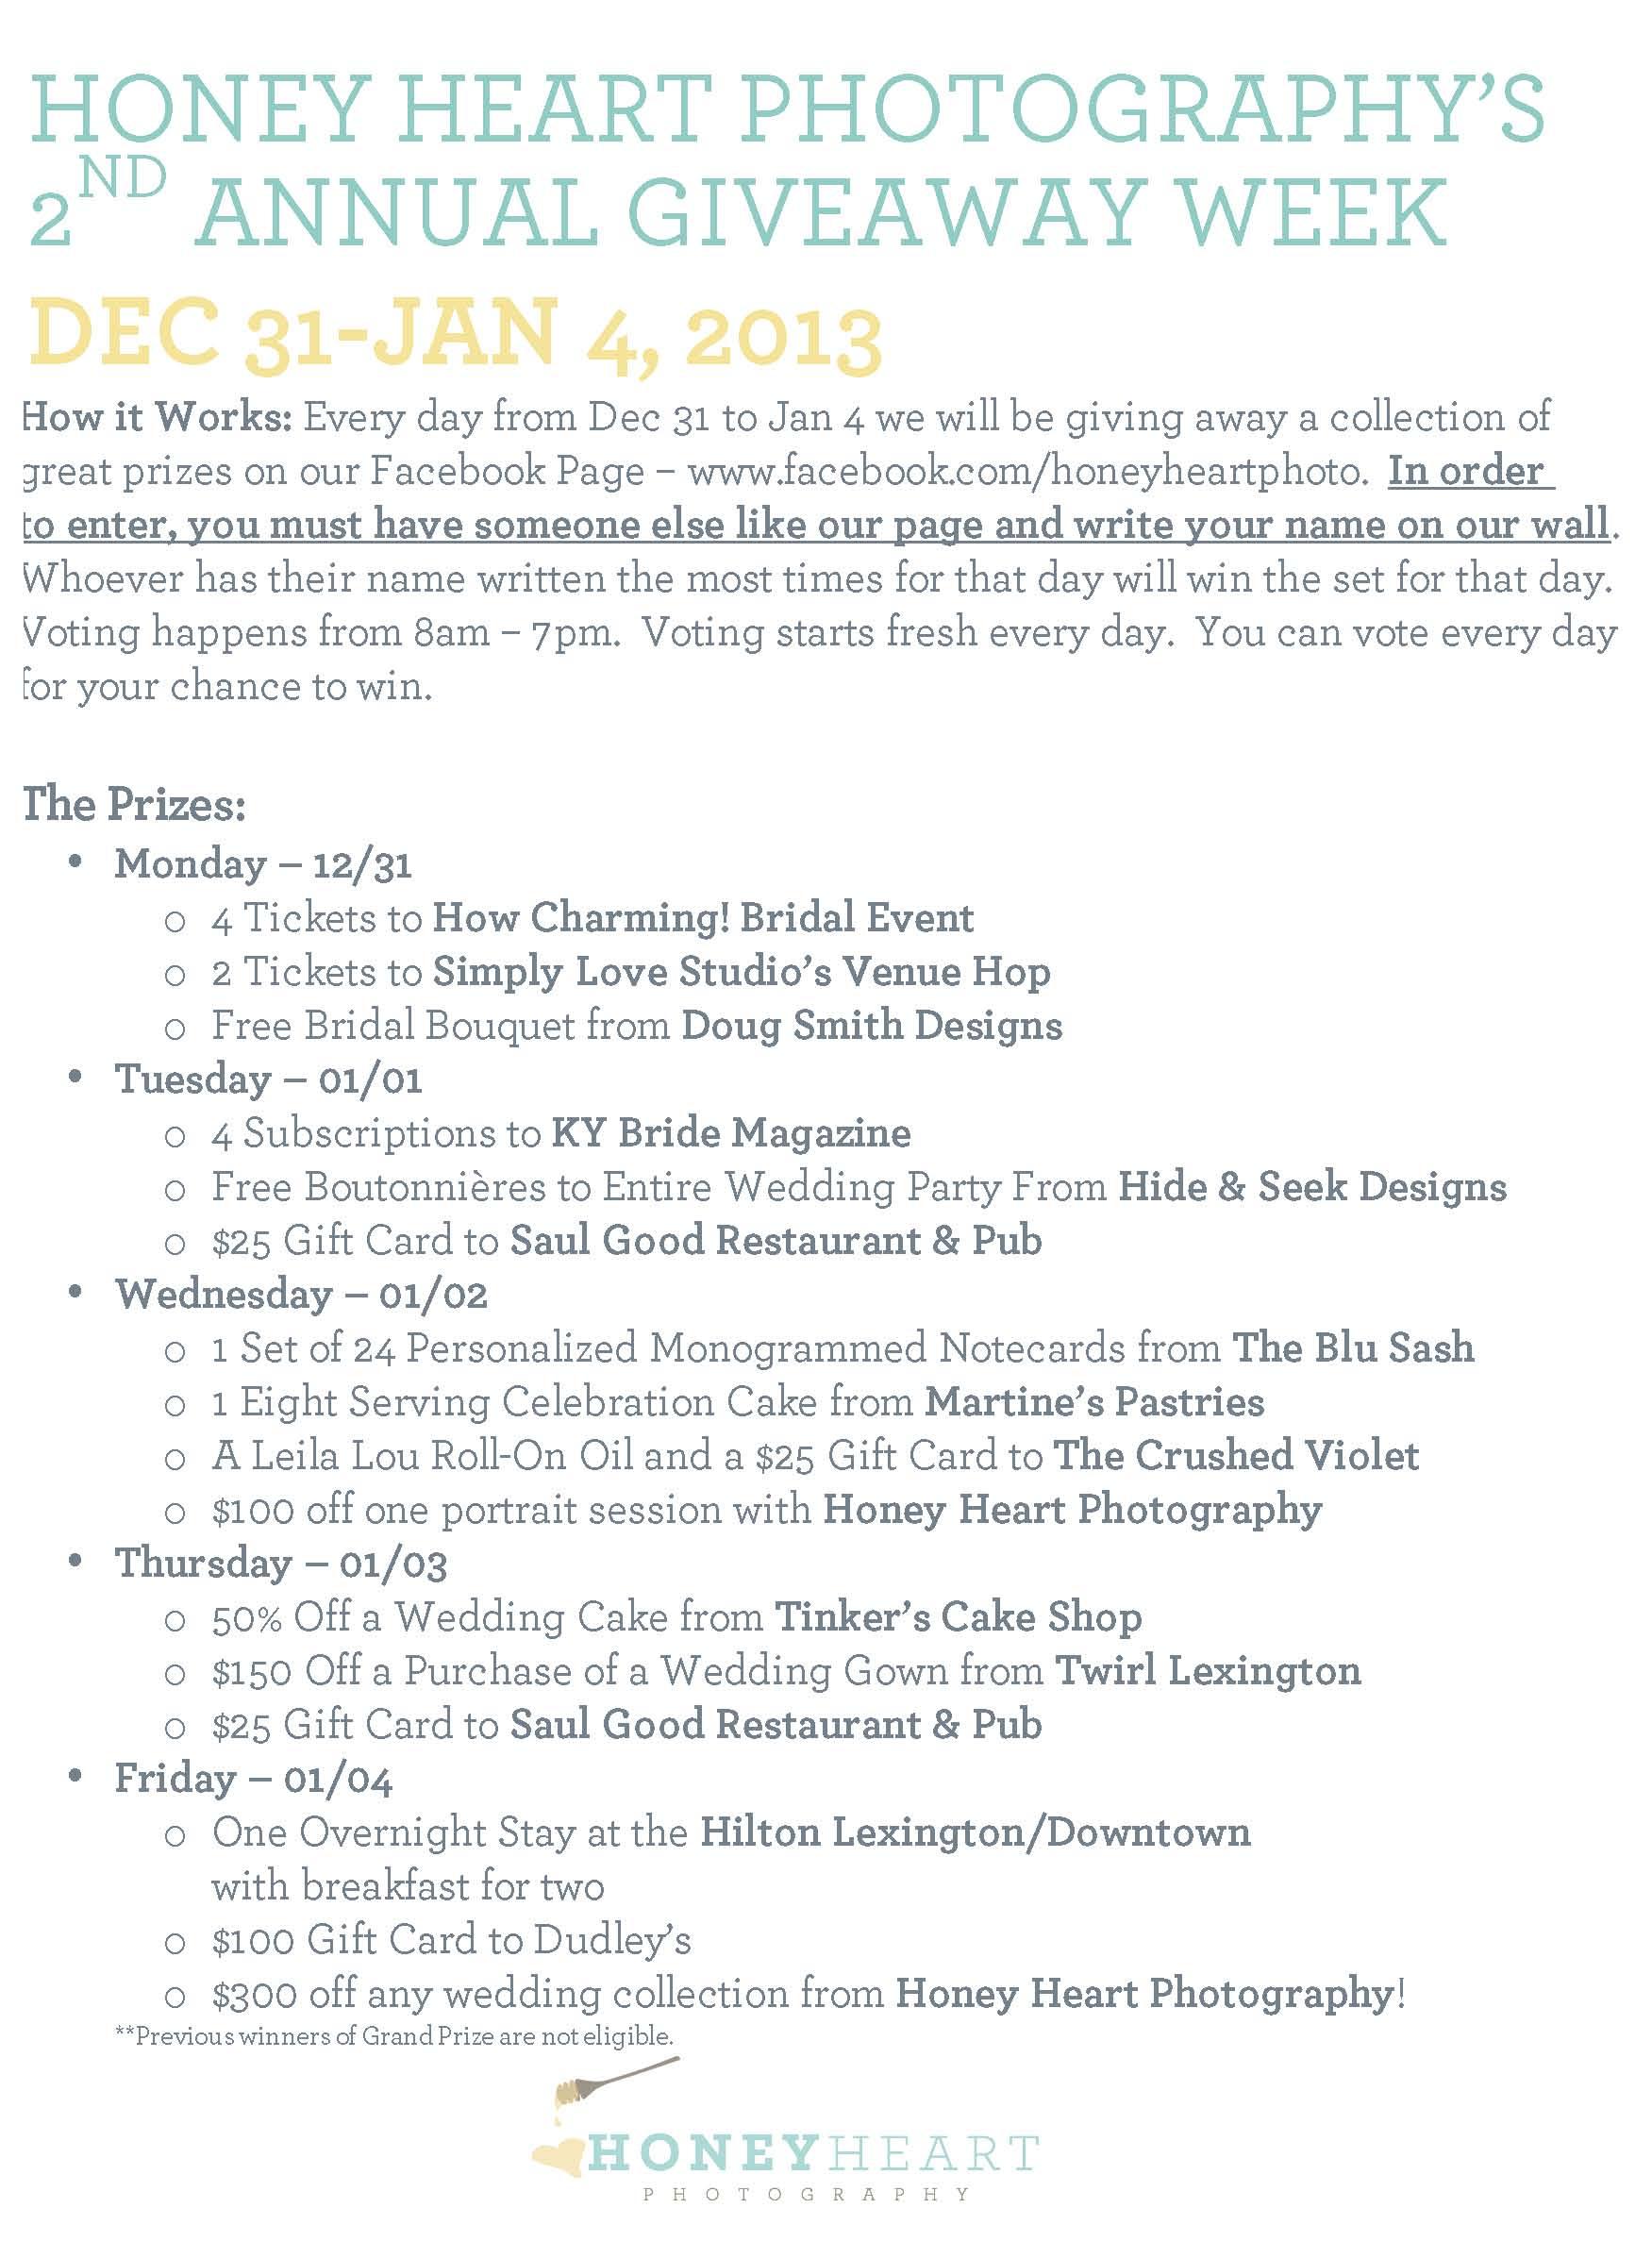 Giveaway Week 2013